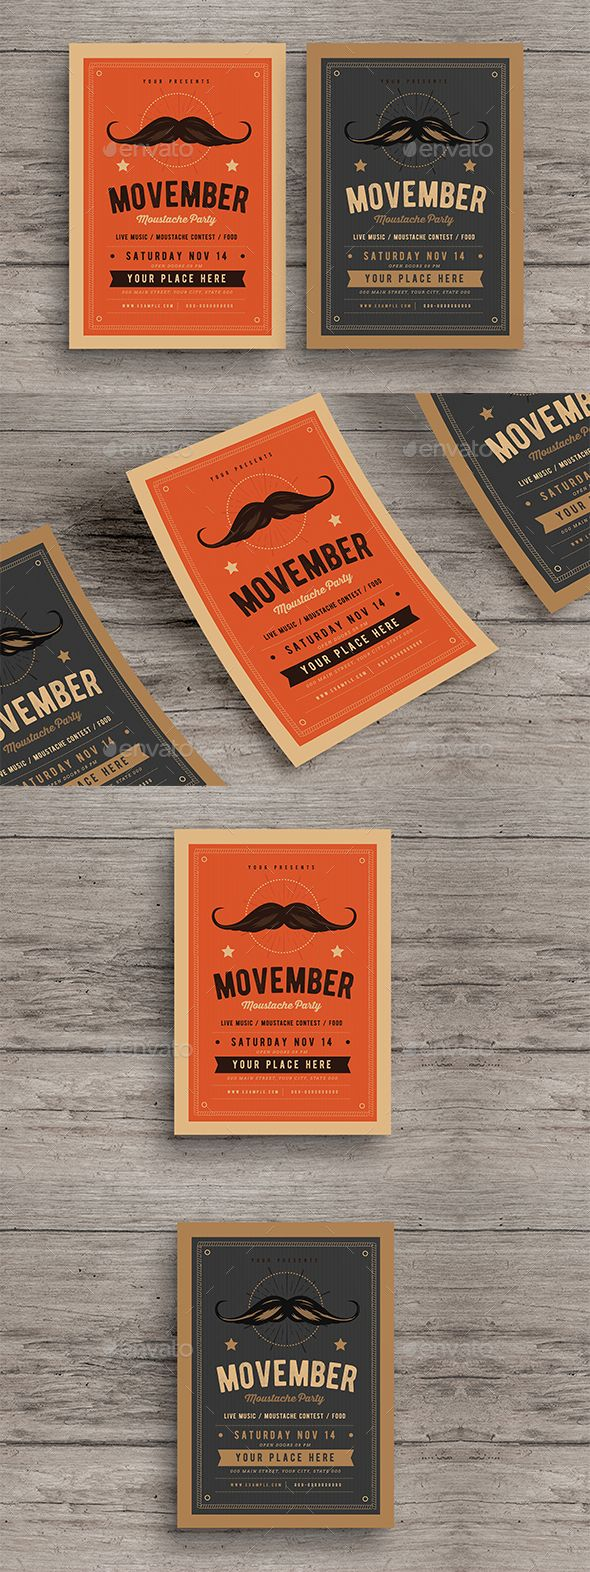 72 best Flat Flyer Design images on Pinterest | Flyer design, Flyer ...